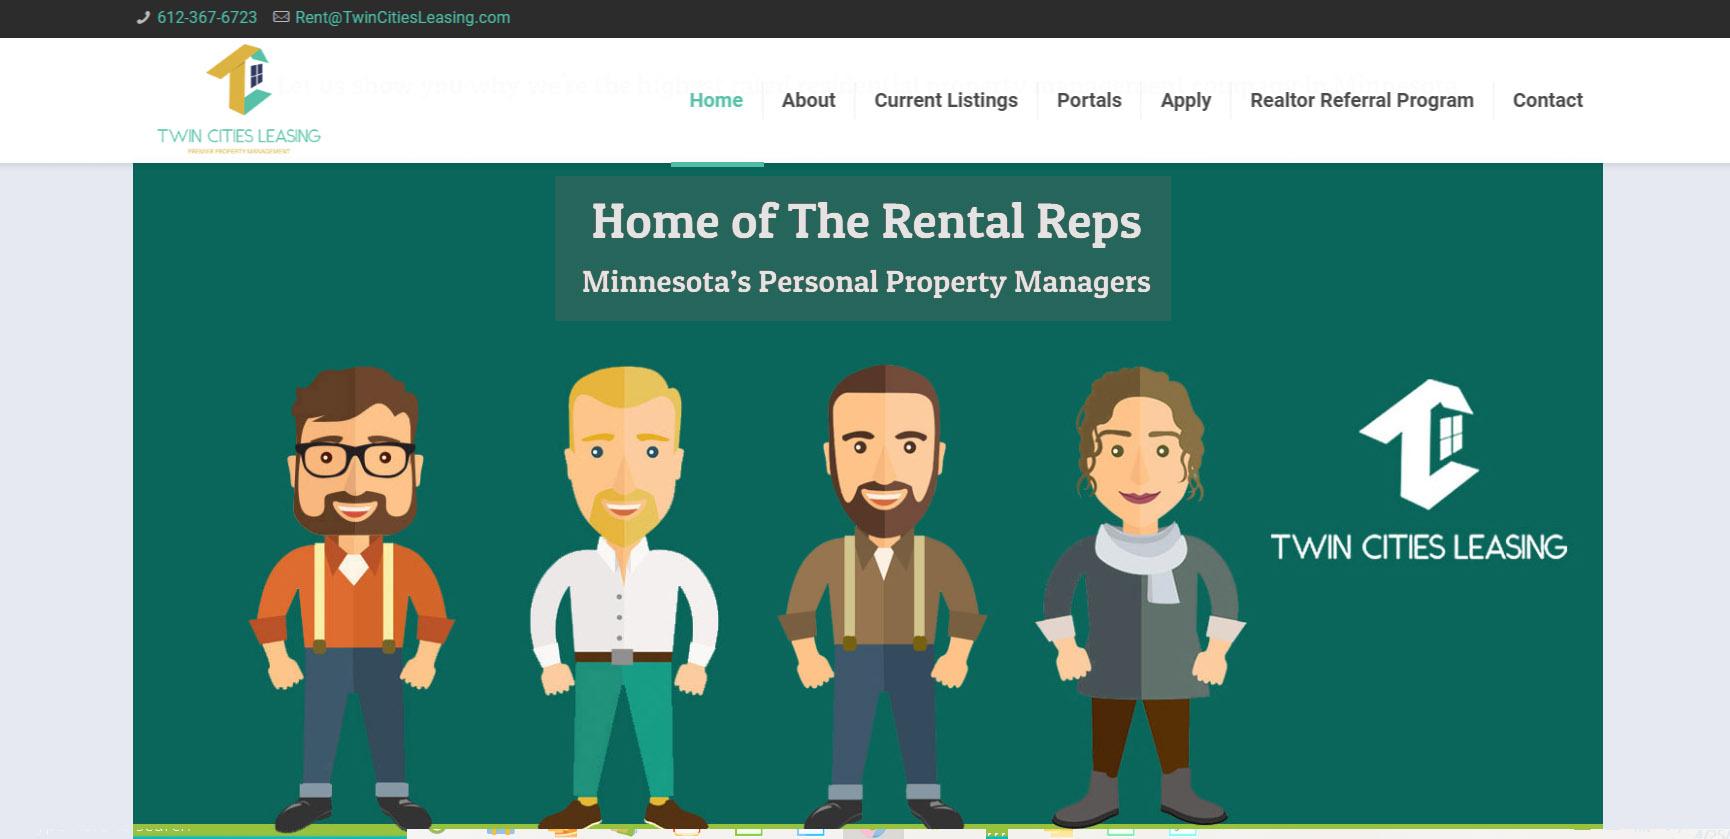 Twin Cities Leasing Website